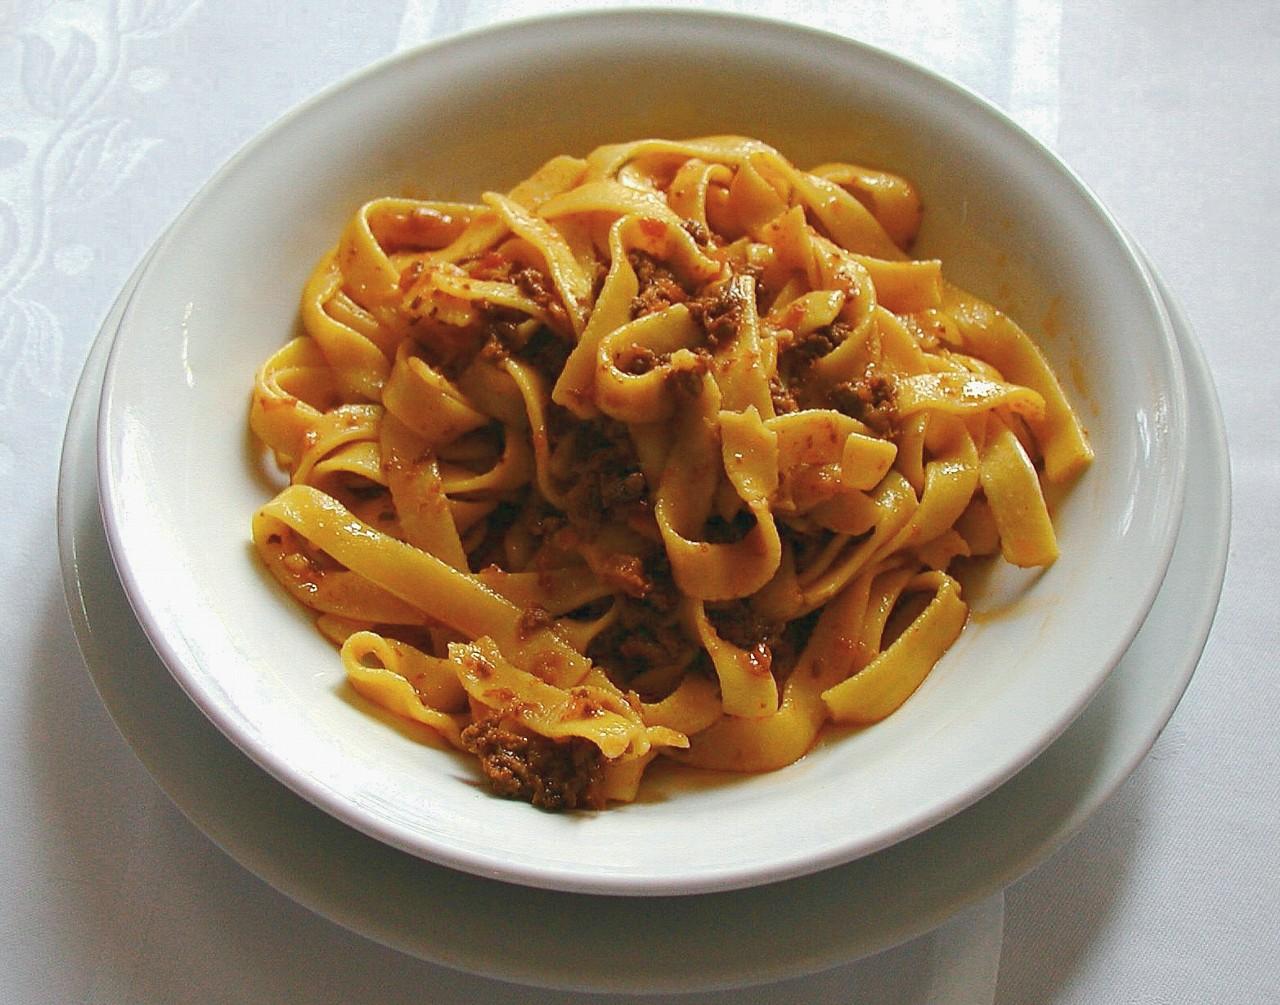 イタリア料理(タリアテッレ・アル・ラグー(タリアテッレとミートソース))